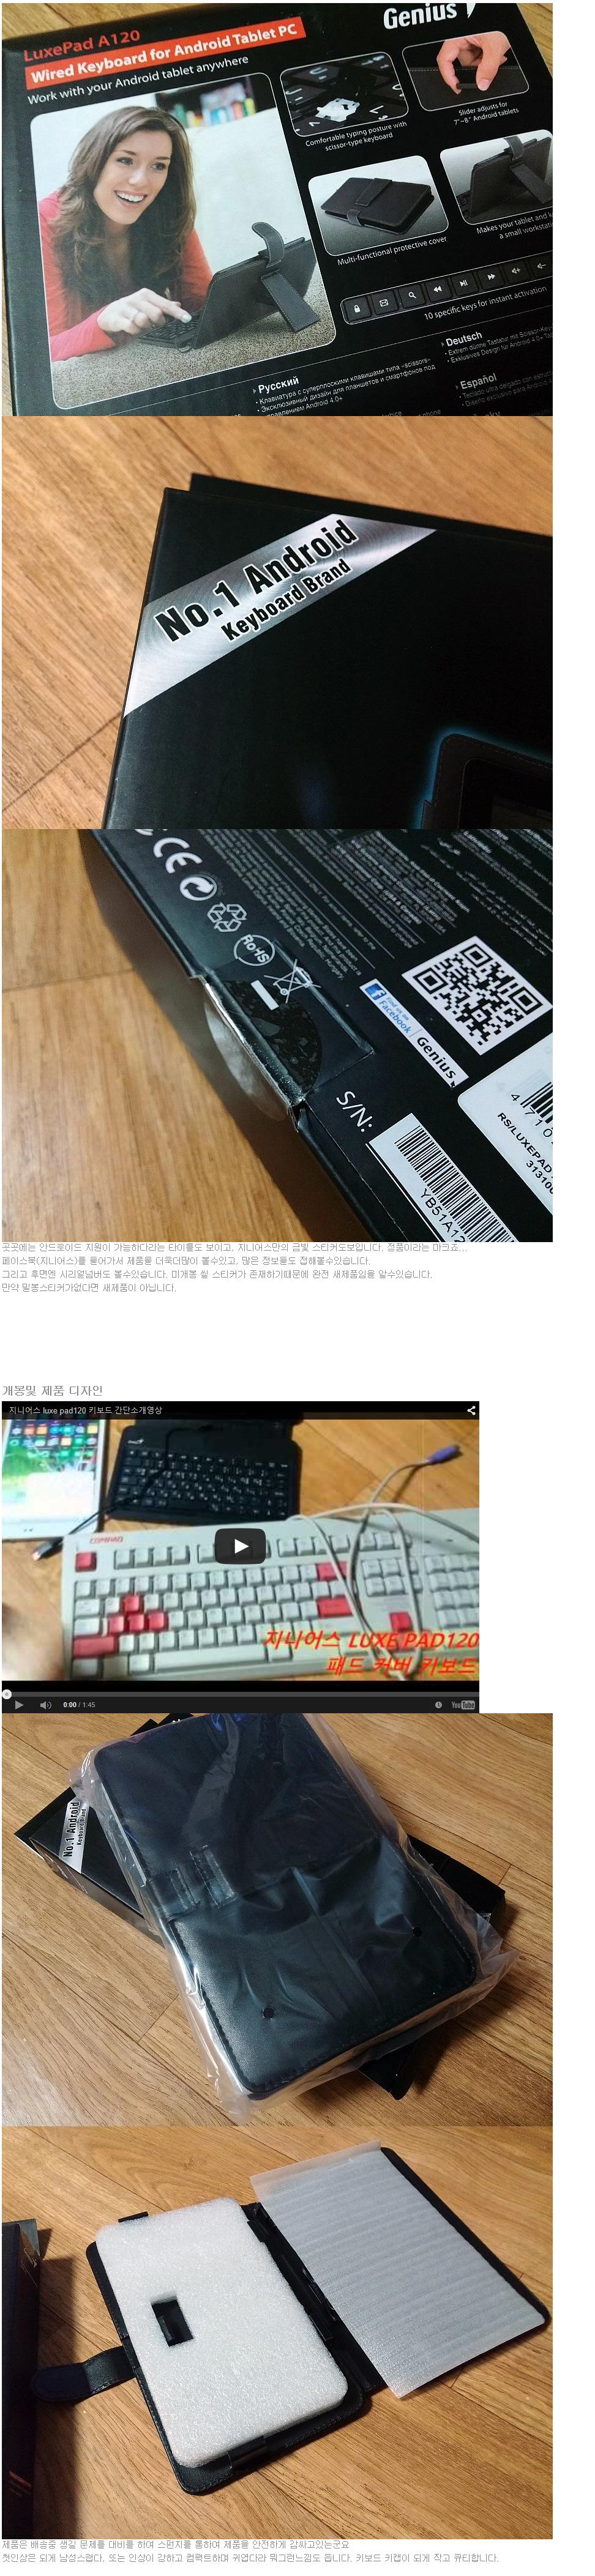 포맷변환_3.jpg